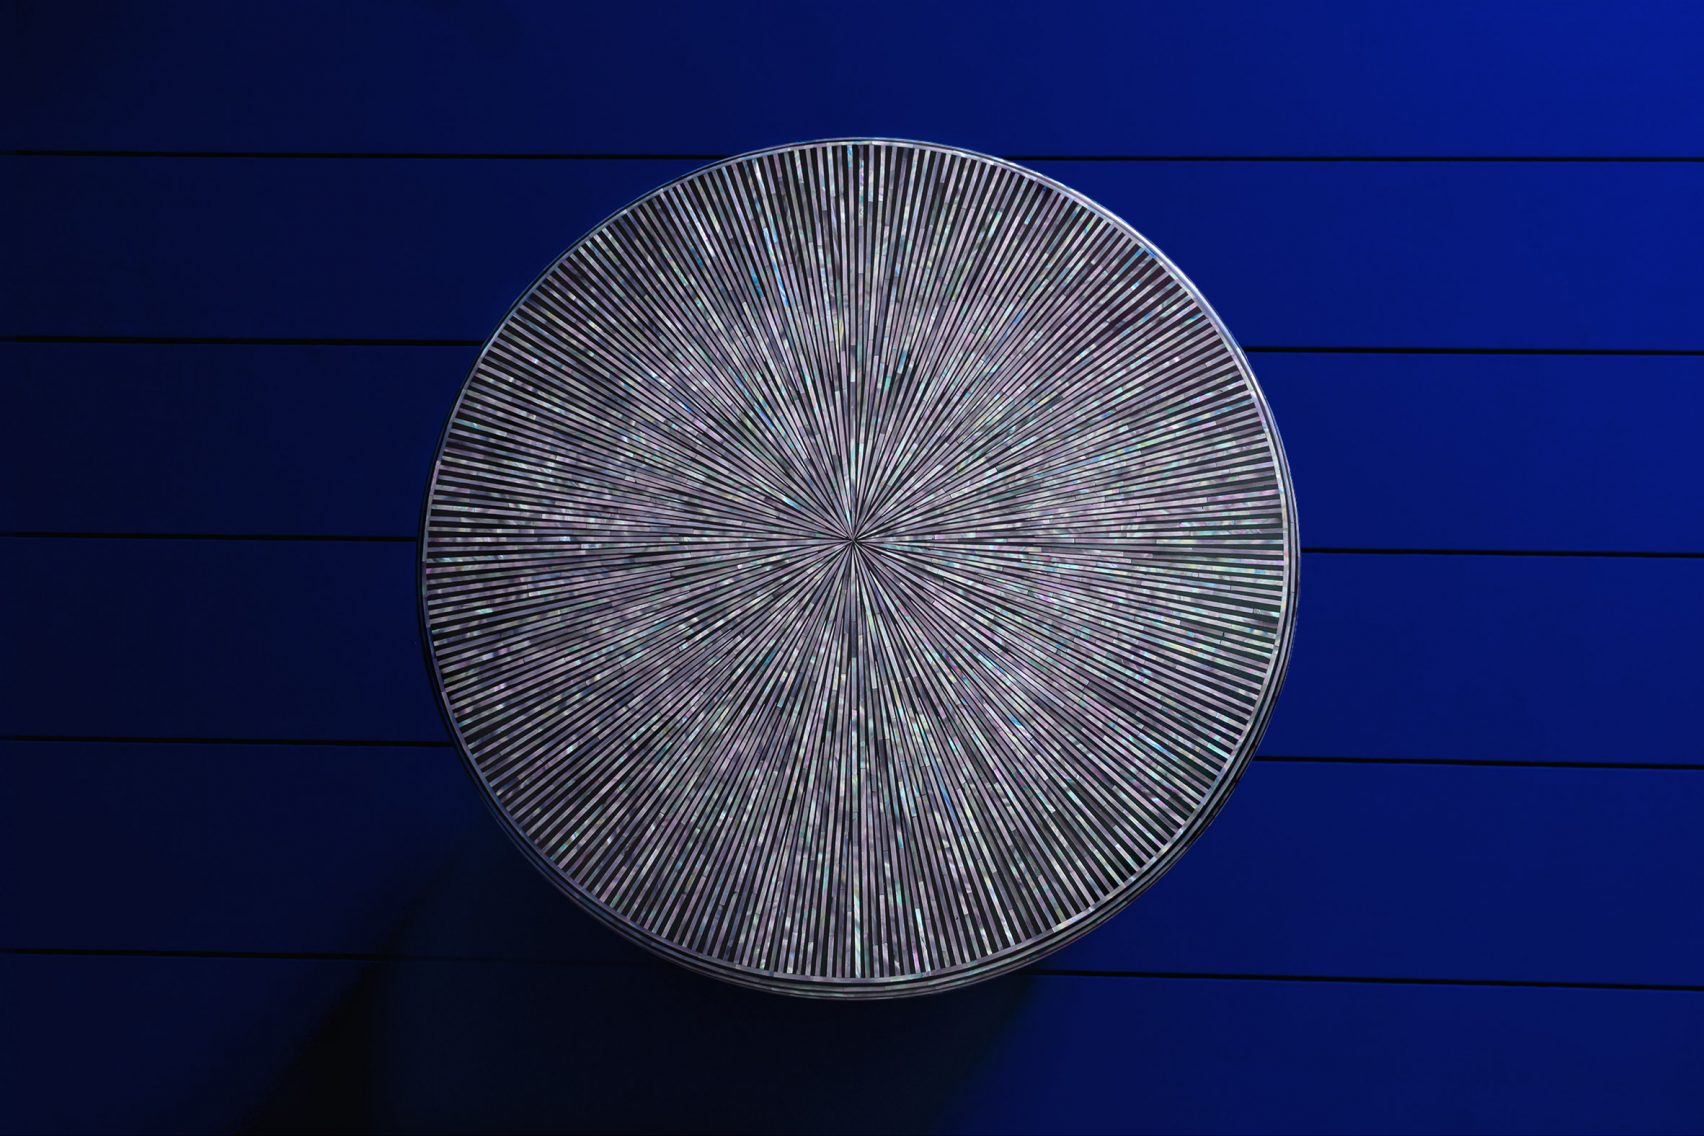 Base de mesa hecha de plumas e hilos de concha nacar